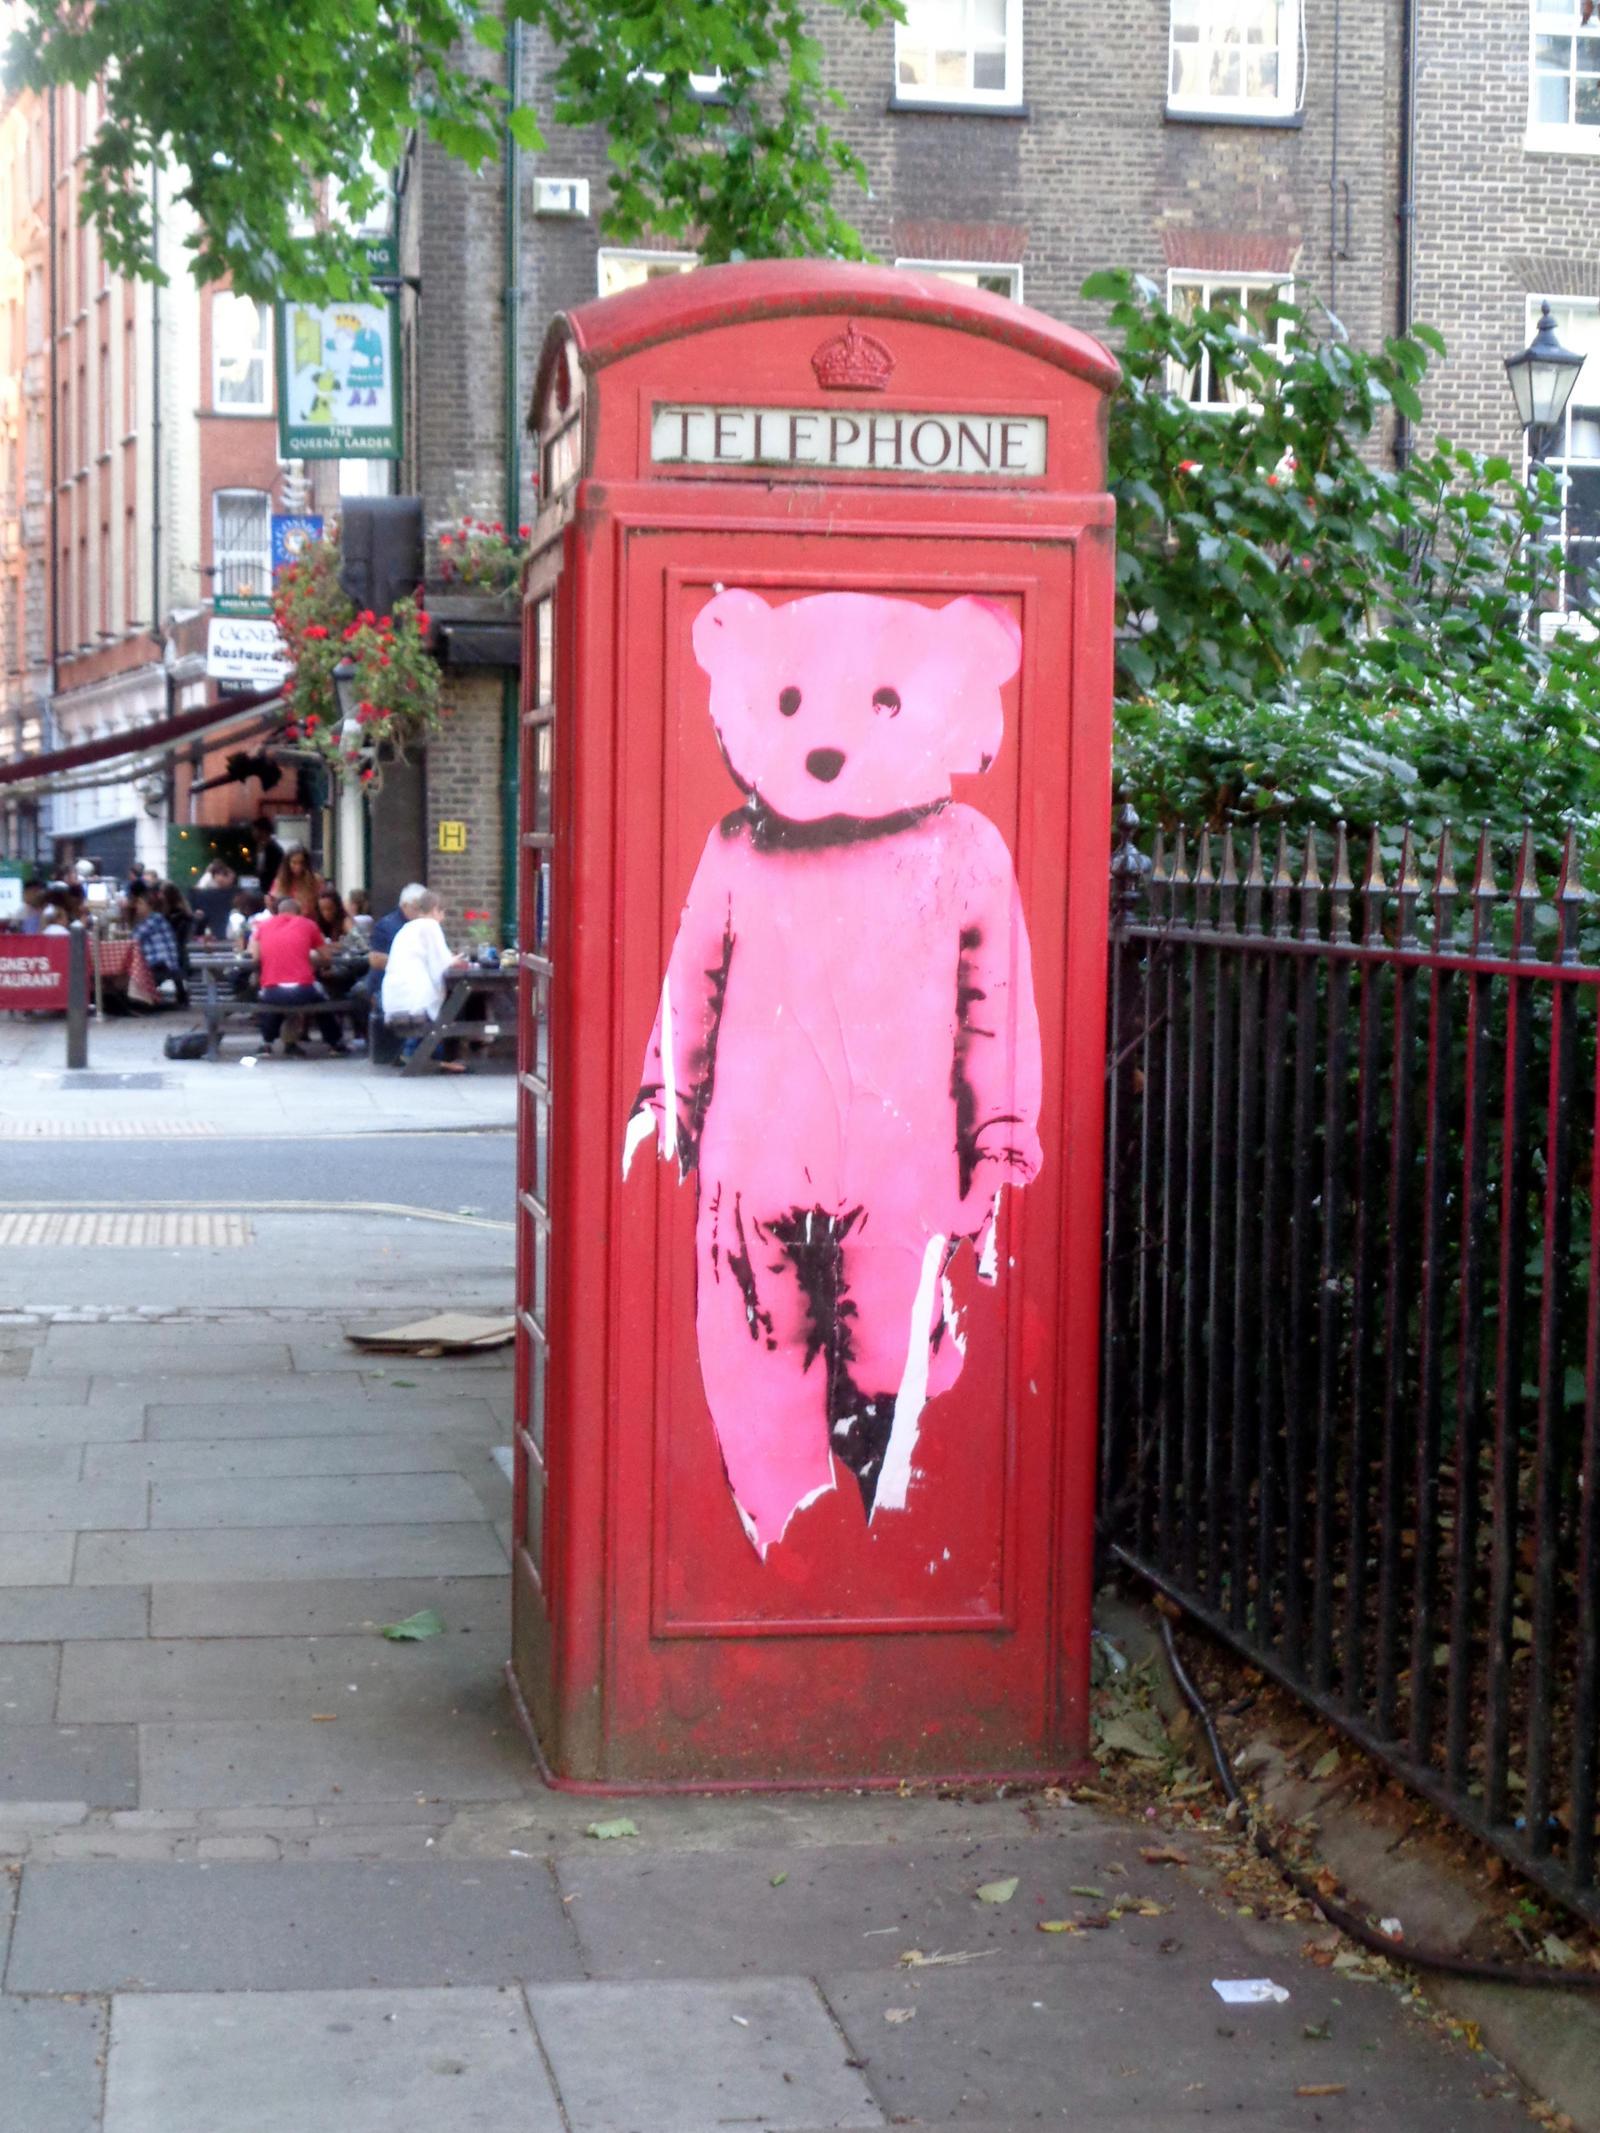 phone box by Mittelfranke